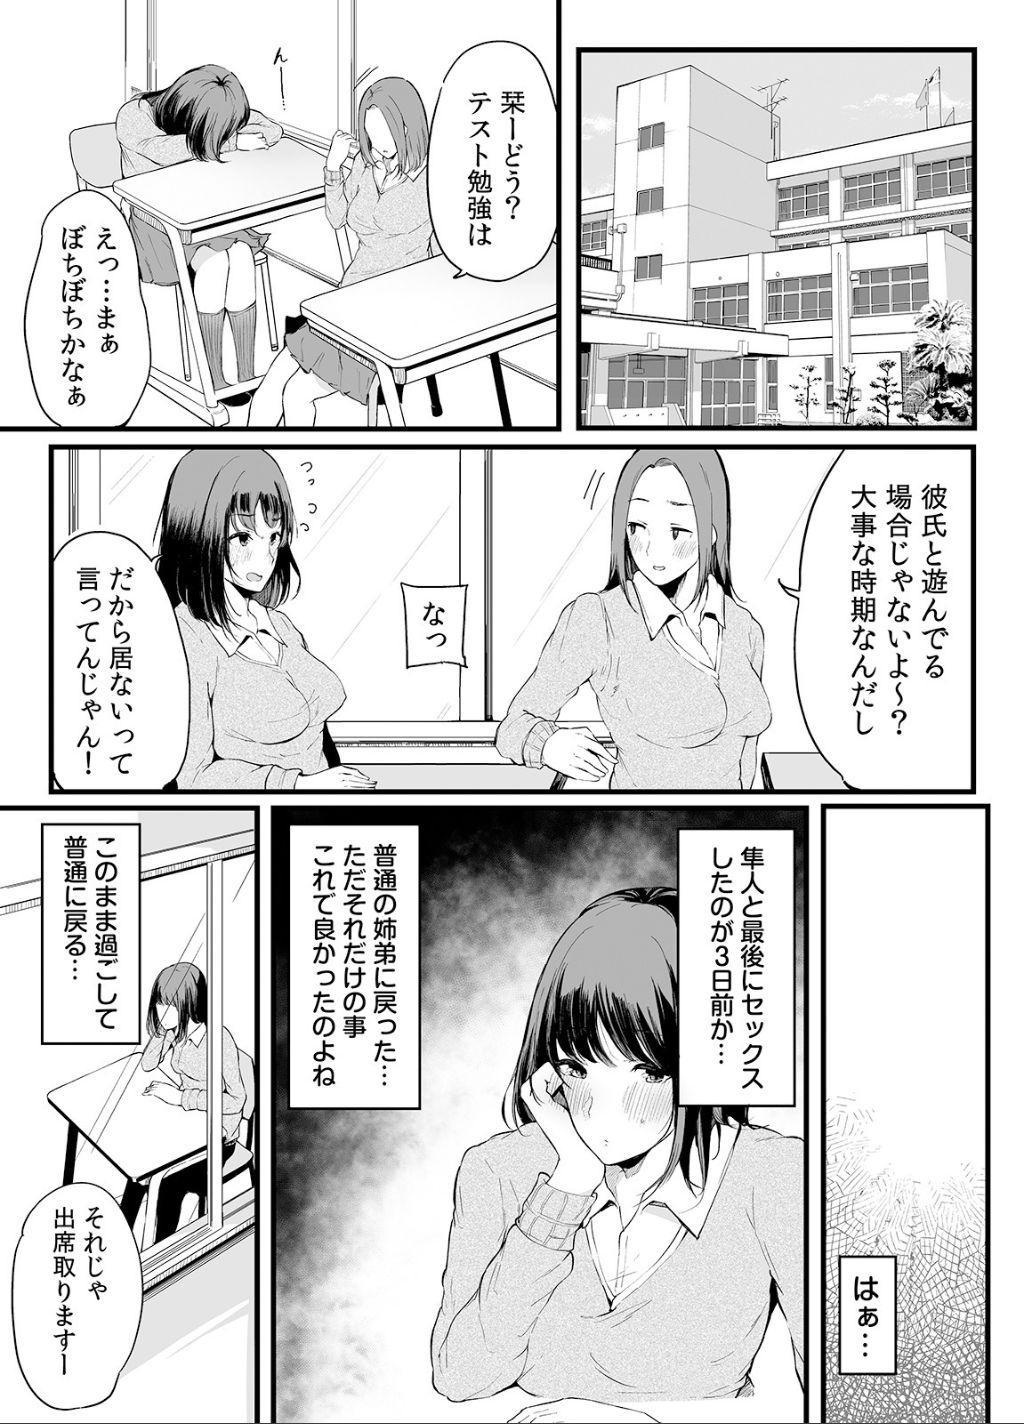 Otouto ni Ero Manga to Onaji Koto o Sare Chau o Nee-chan no Hanashi 2 38